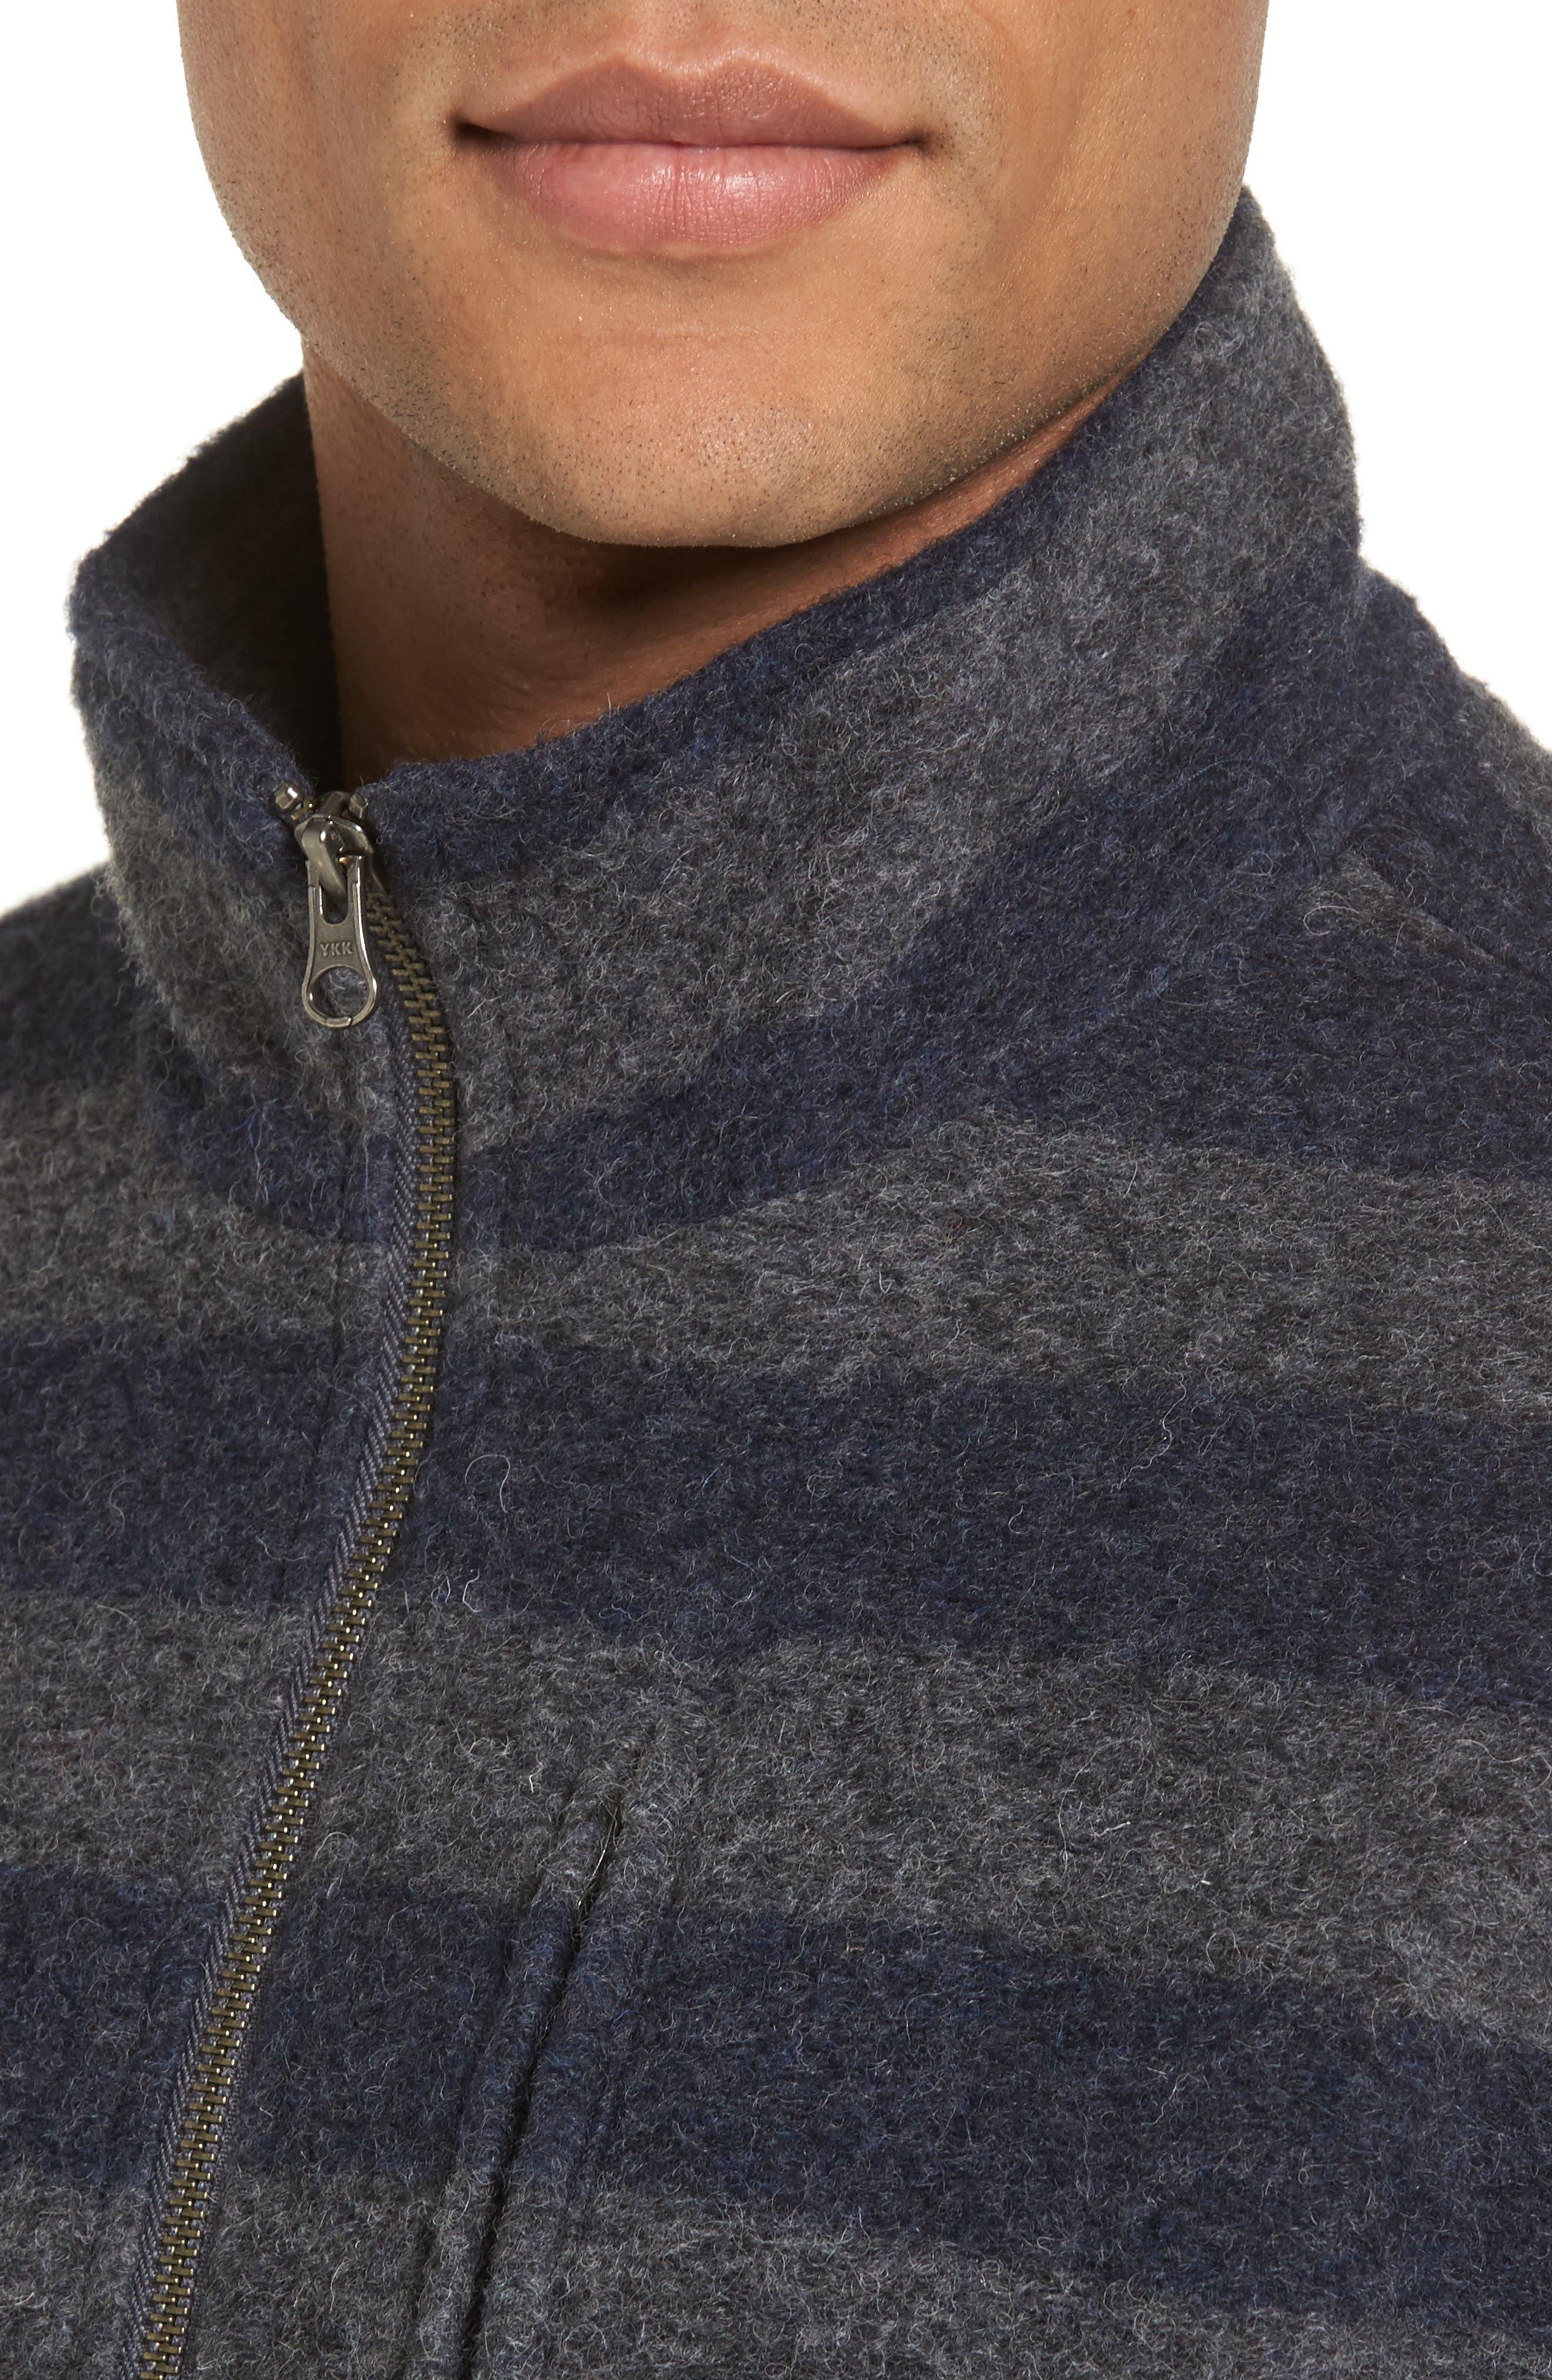 Bowen Stripe Zip Front Jacket,                             Alternate thumbnail 4, color,                             089